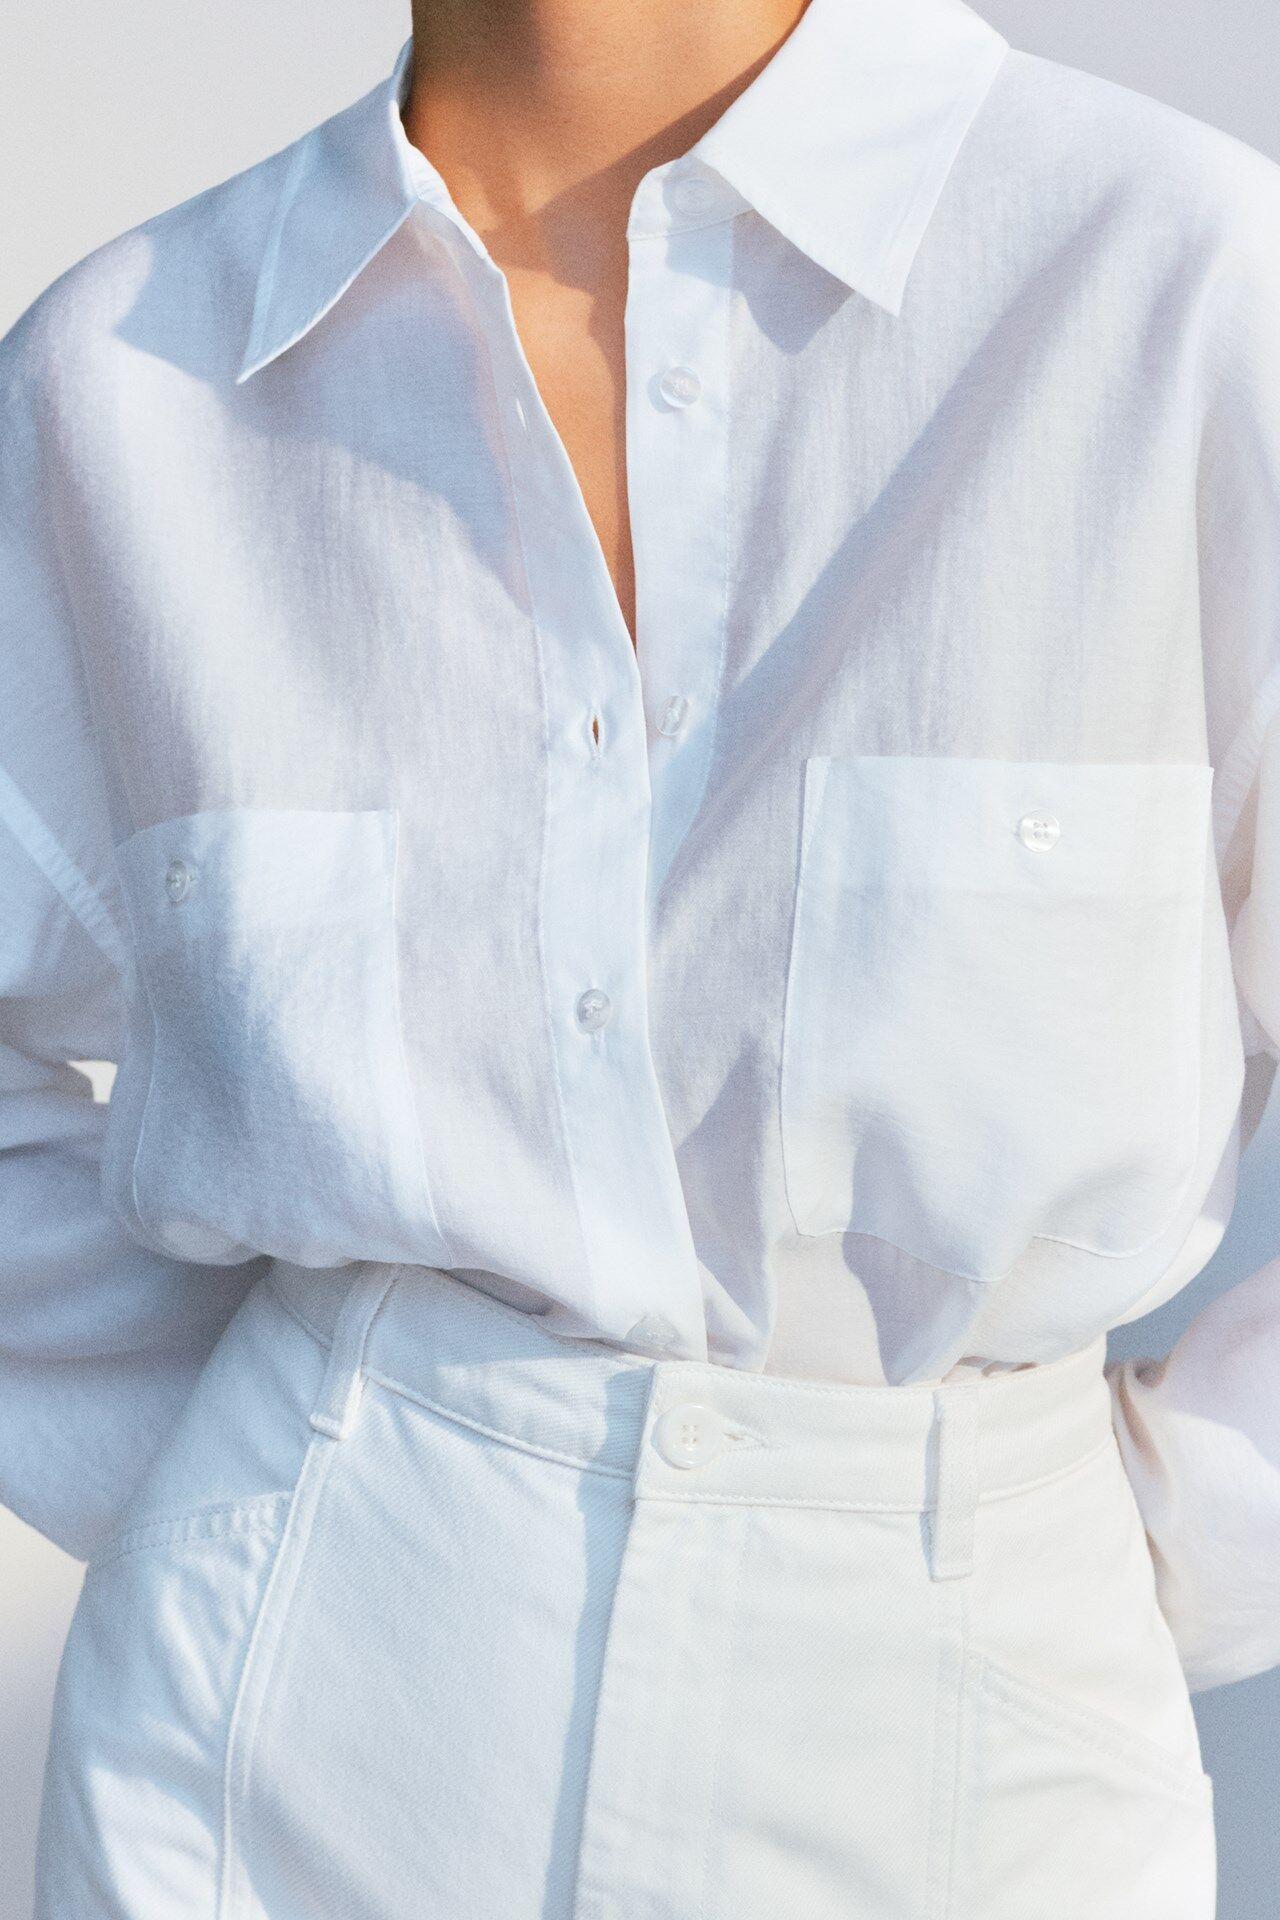 sandie-shirt